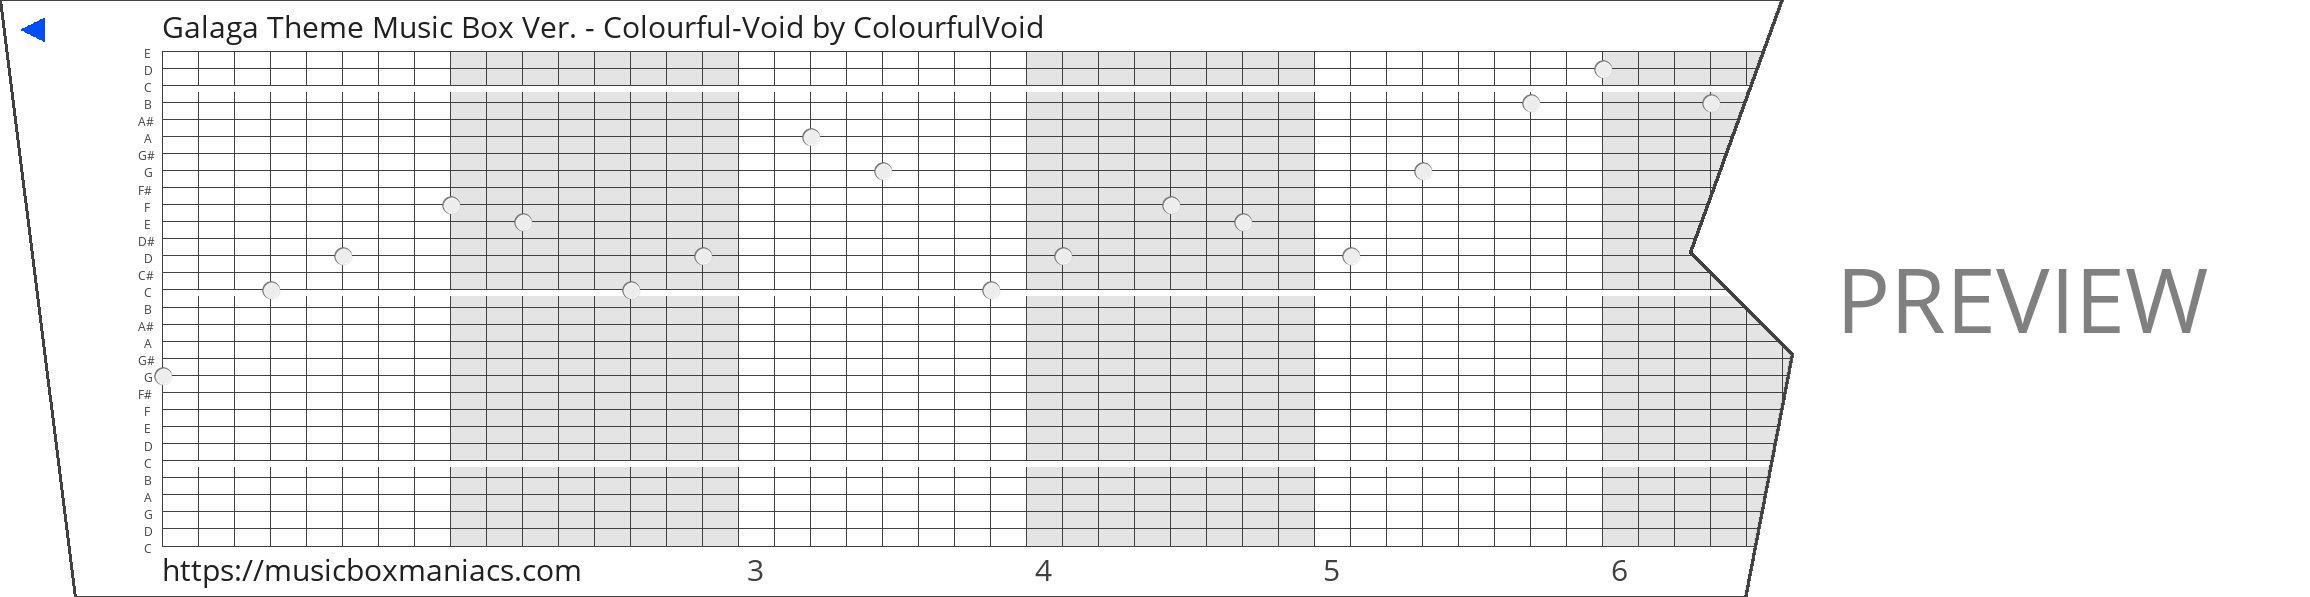 Galaga Theme Music Box Ver. - Colourful-Void 30 note music box paper strip